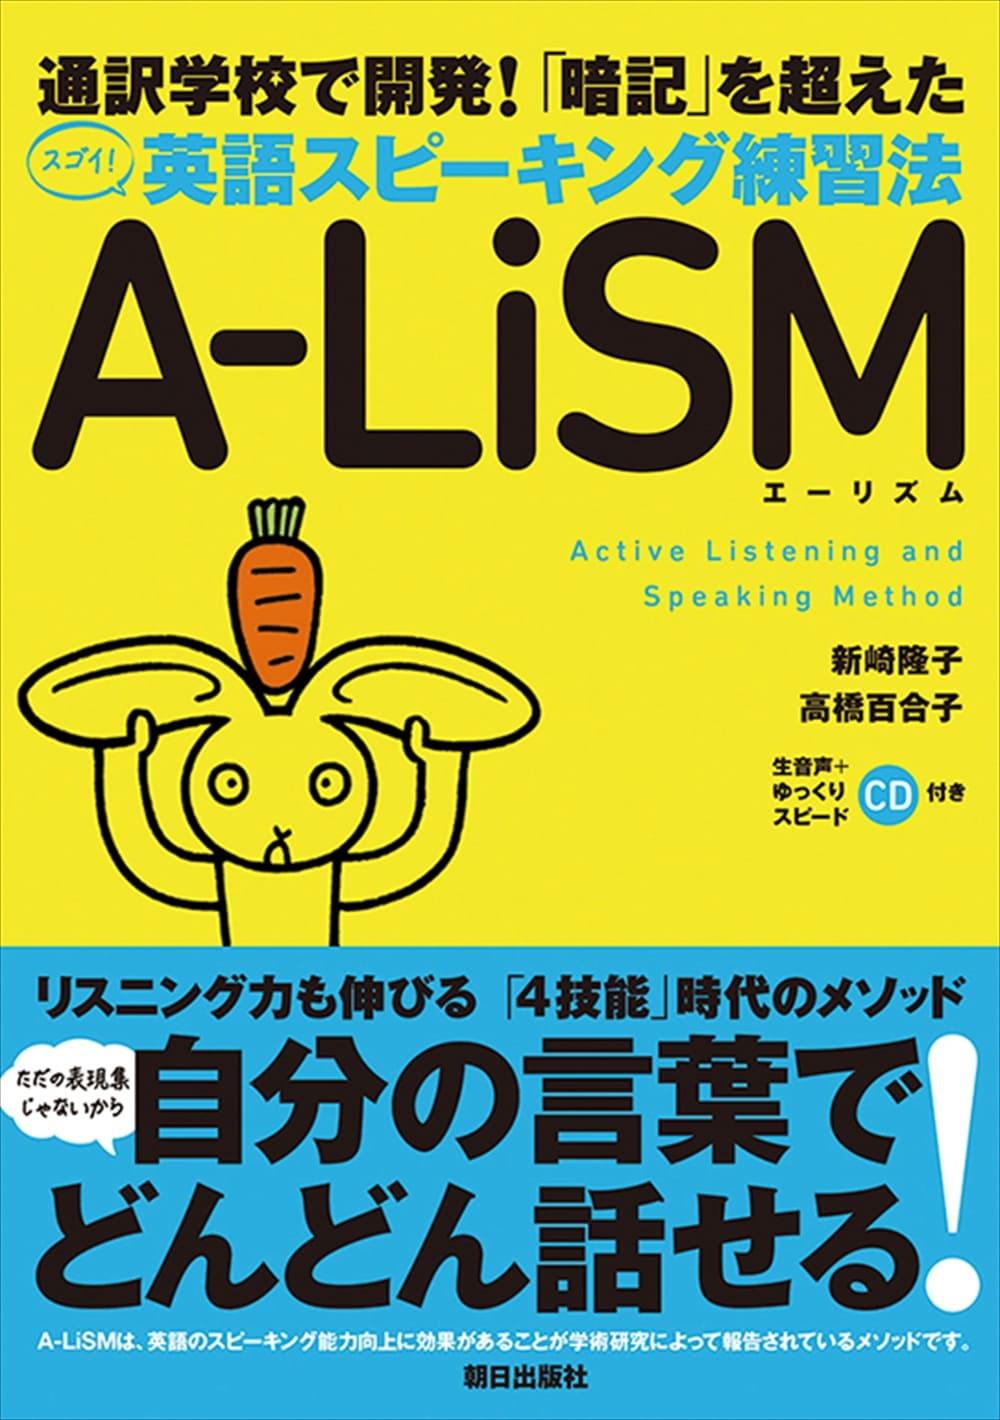 「暗記」を超えた 英語スピーキング練習法 A-LiSM